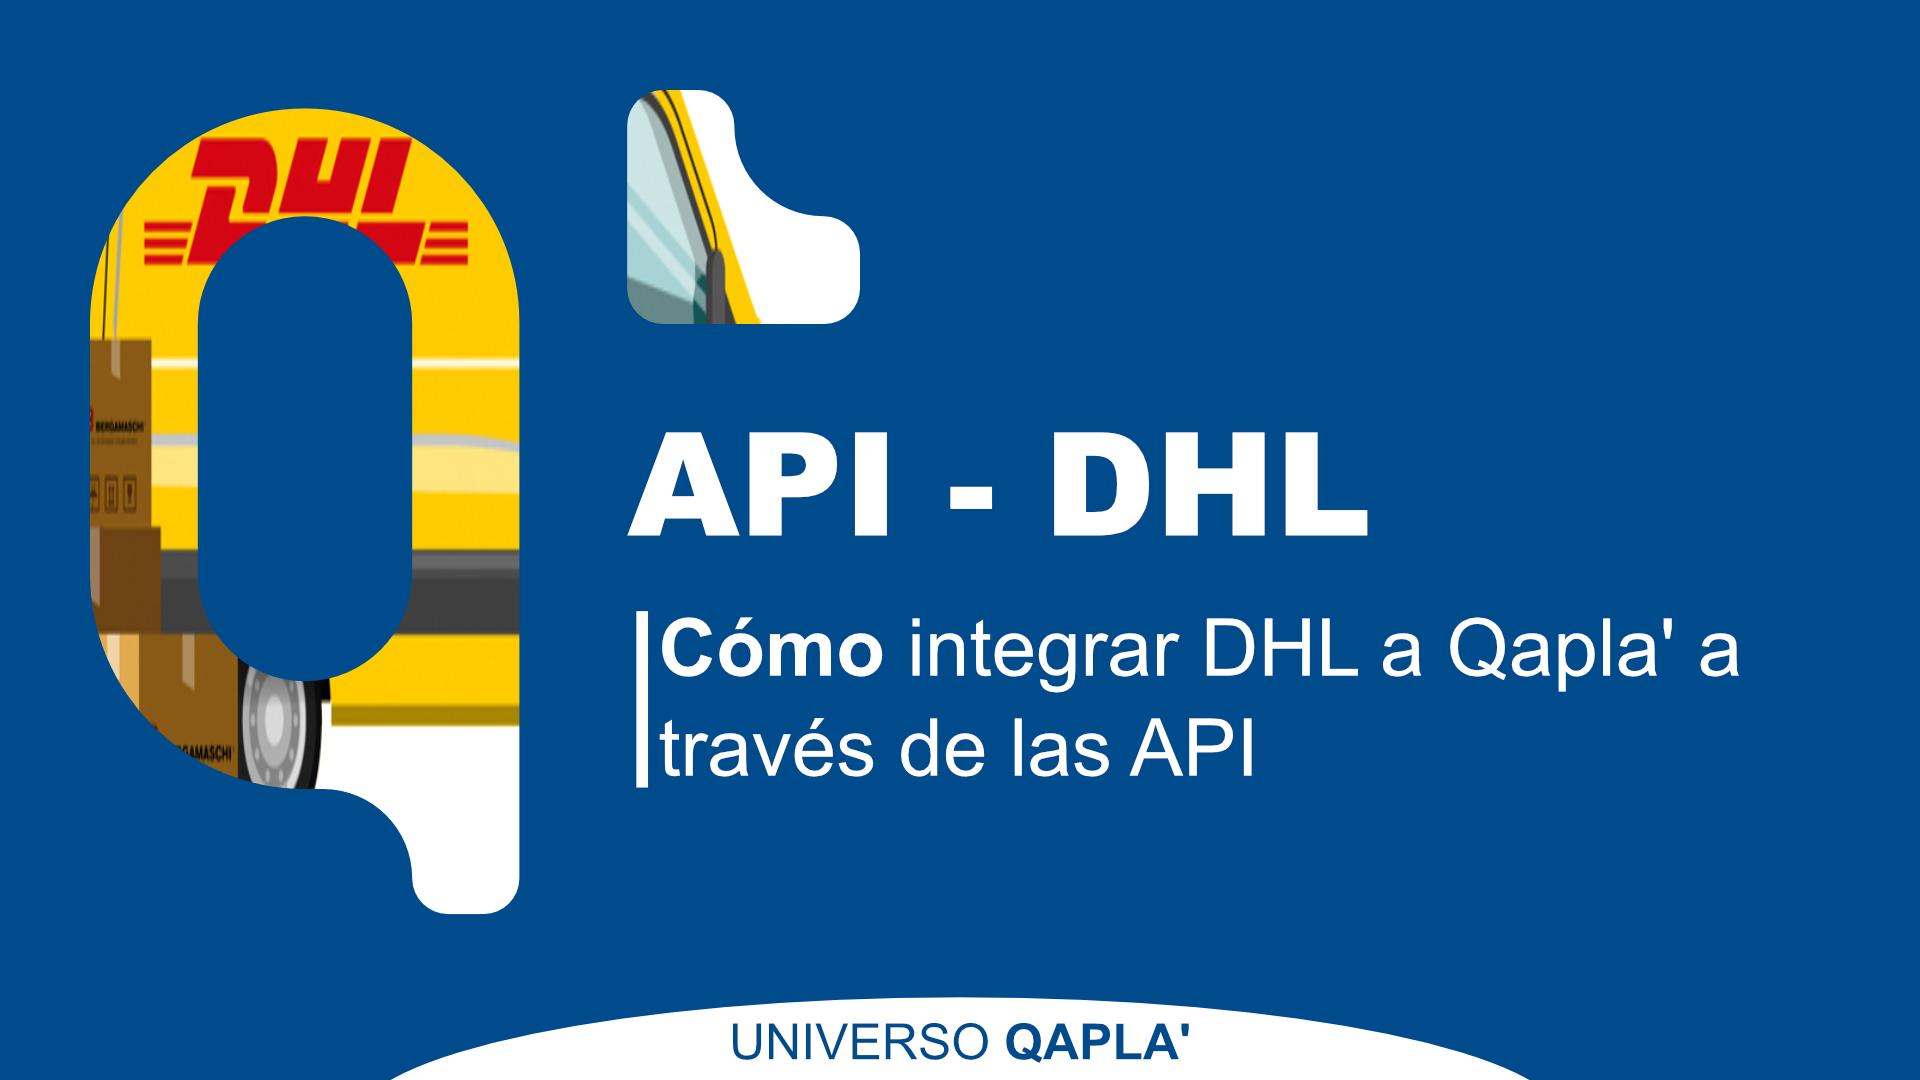 Integrar DHL a Qapla'